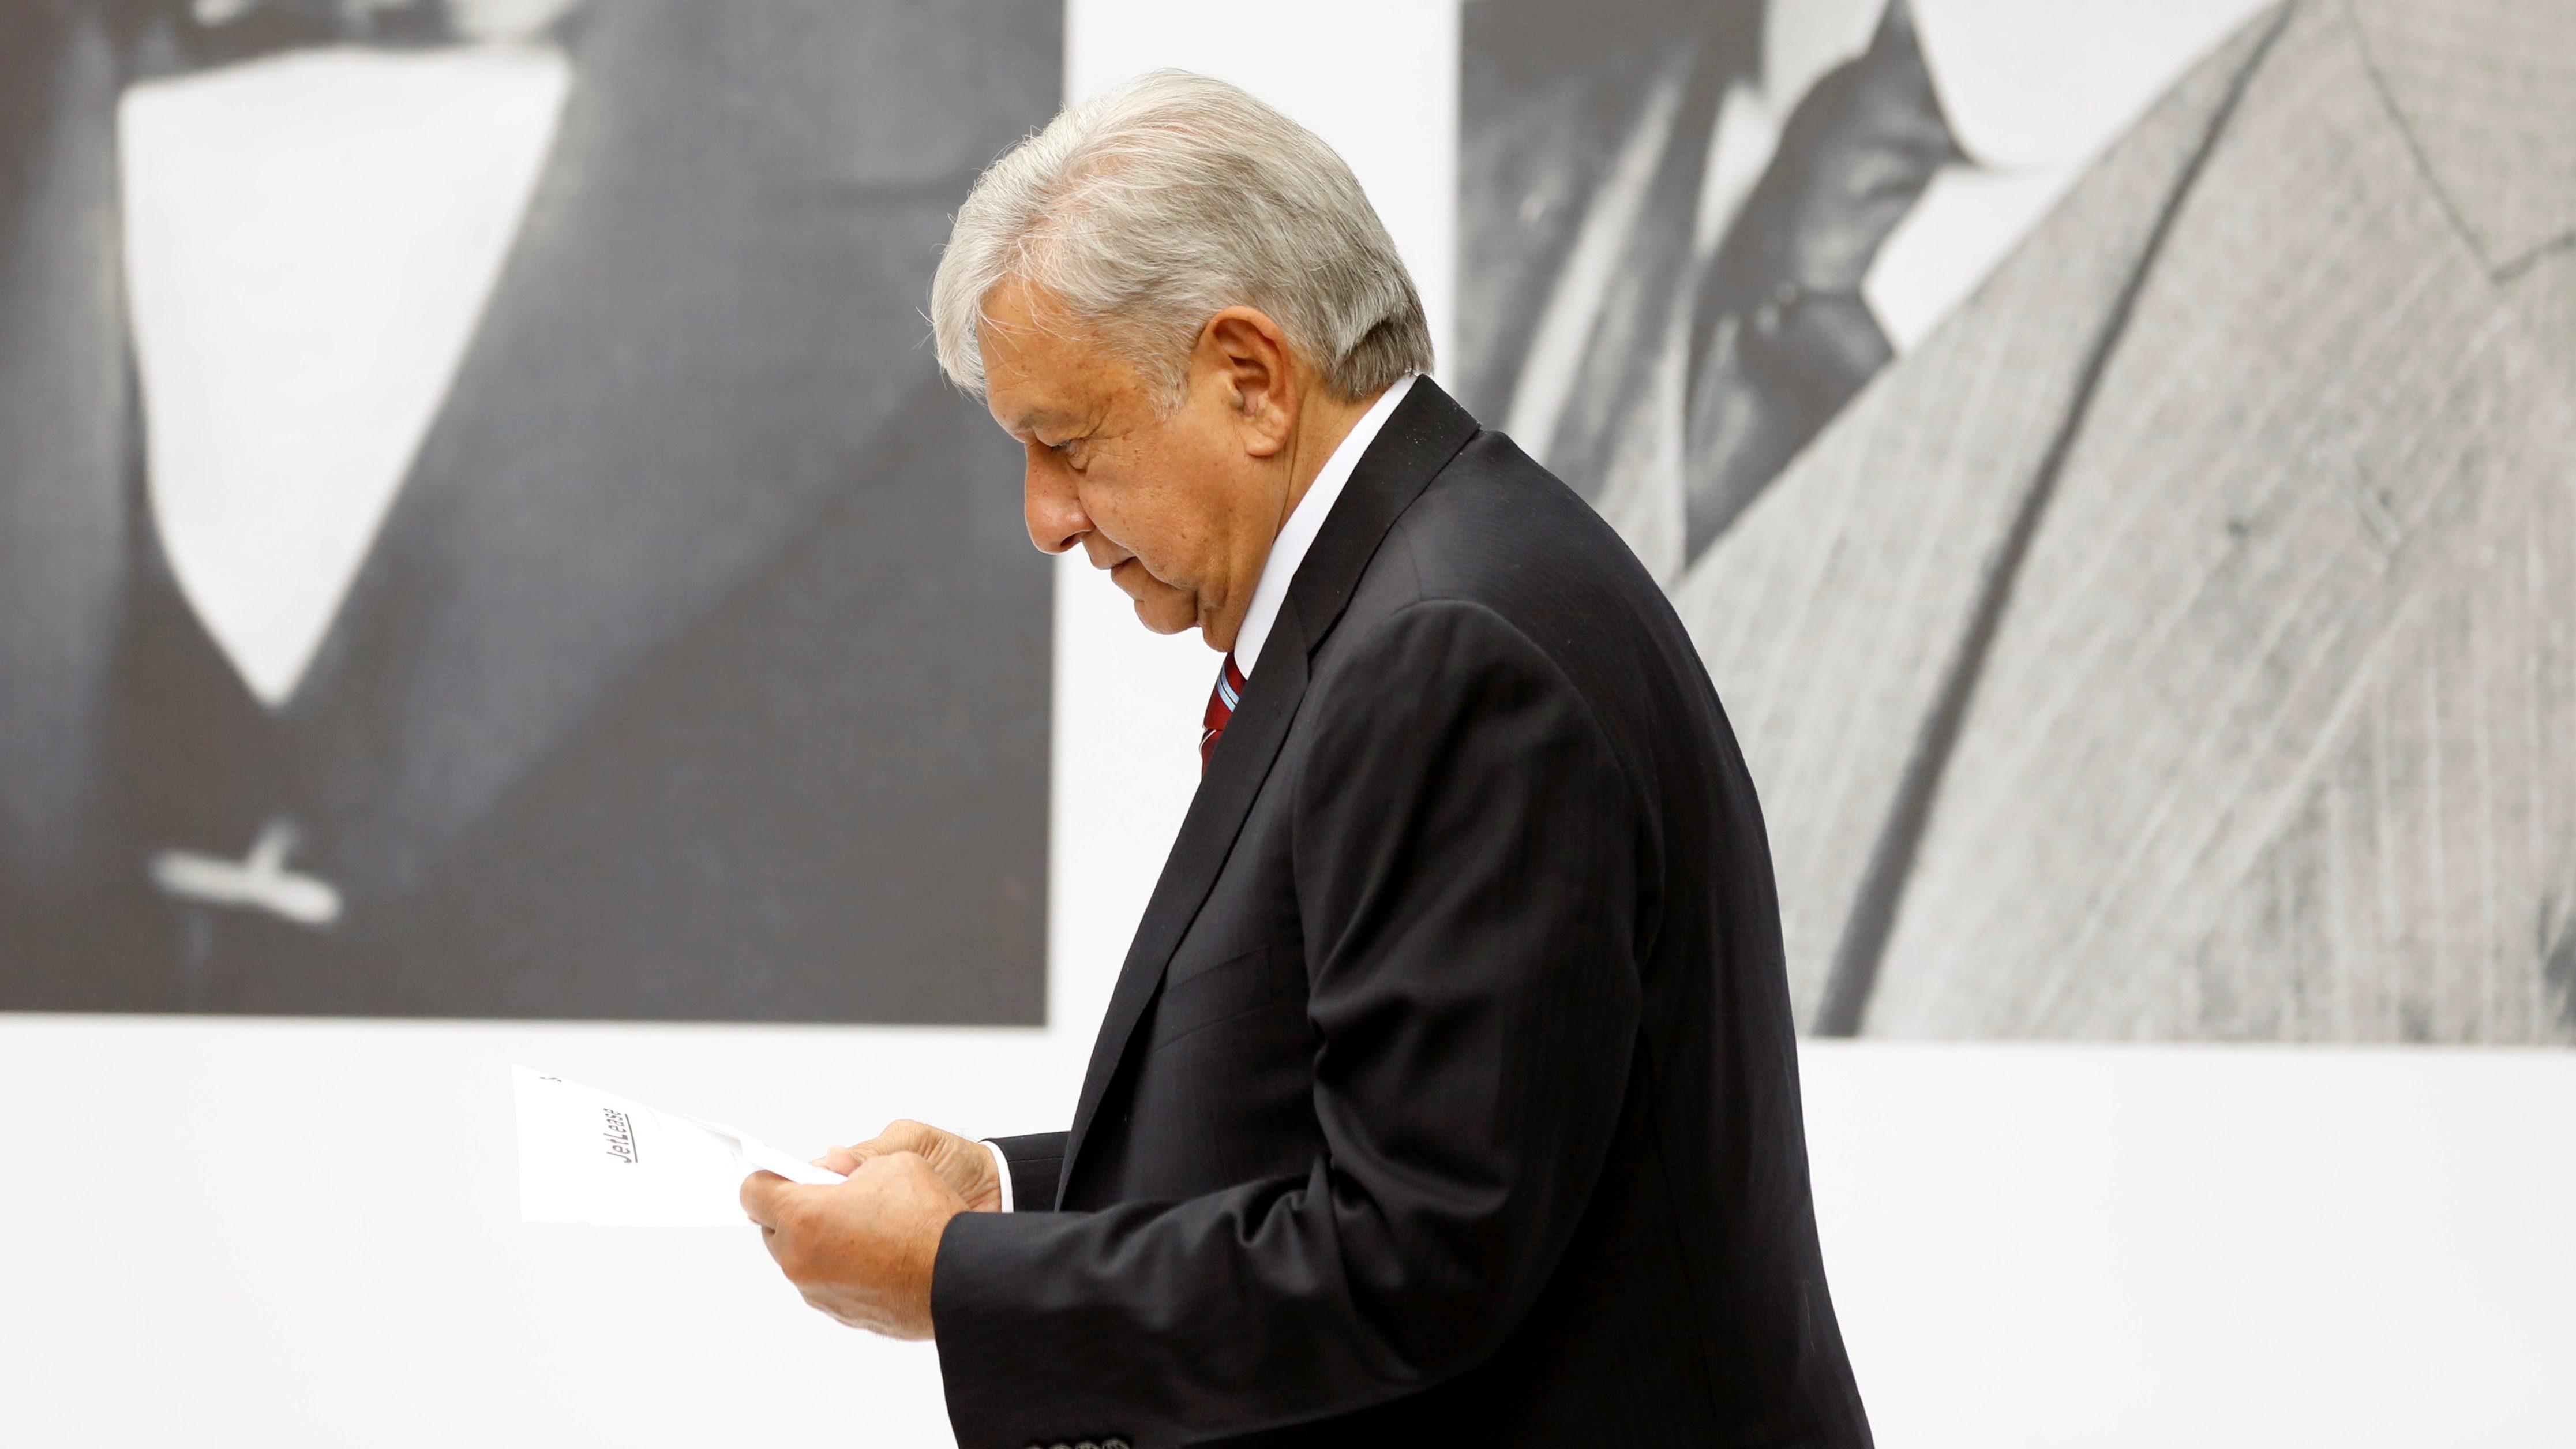 Lo bueno y lo malo del próximo gobierno de AMLO, según el FMI